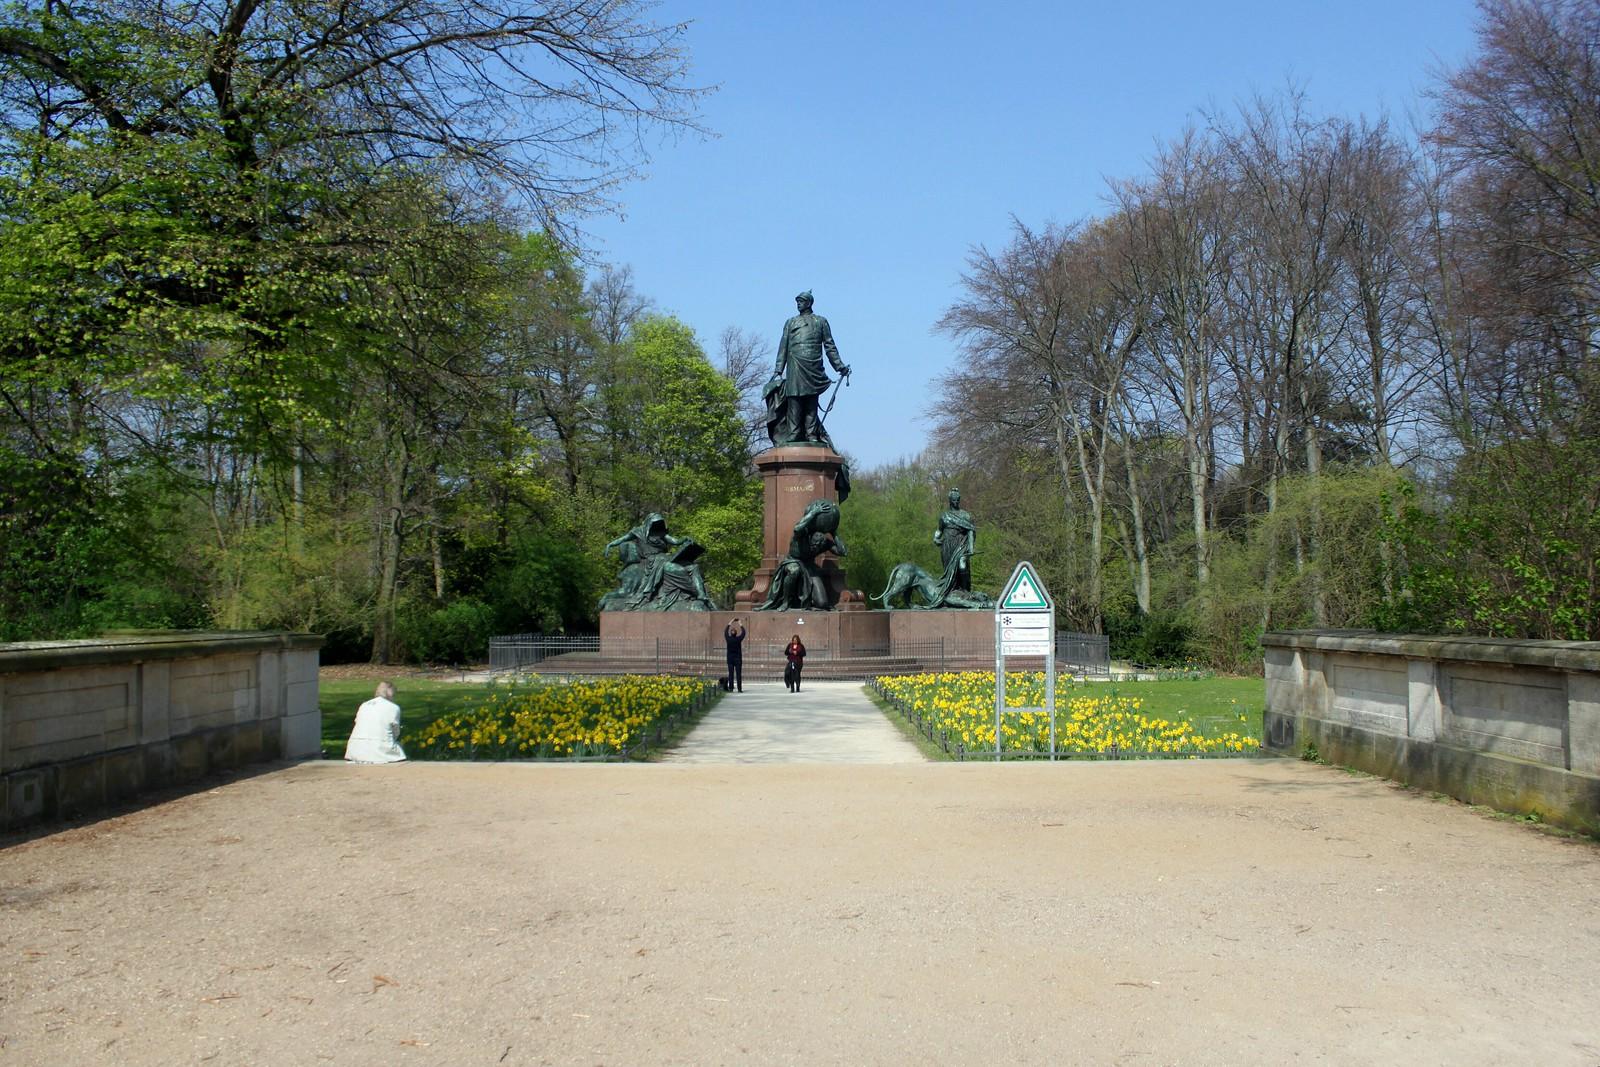 Das Bismarck-Denkmal im Berliner Tiergarten